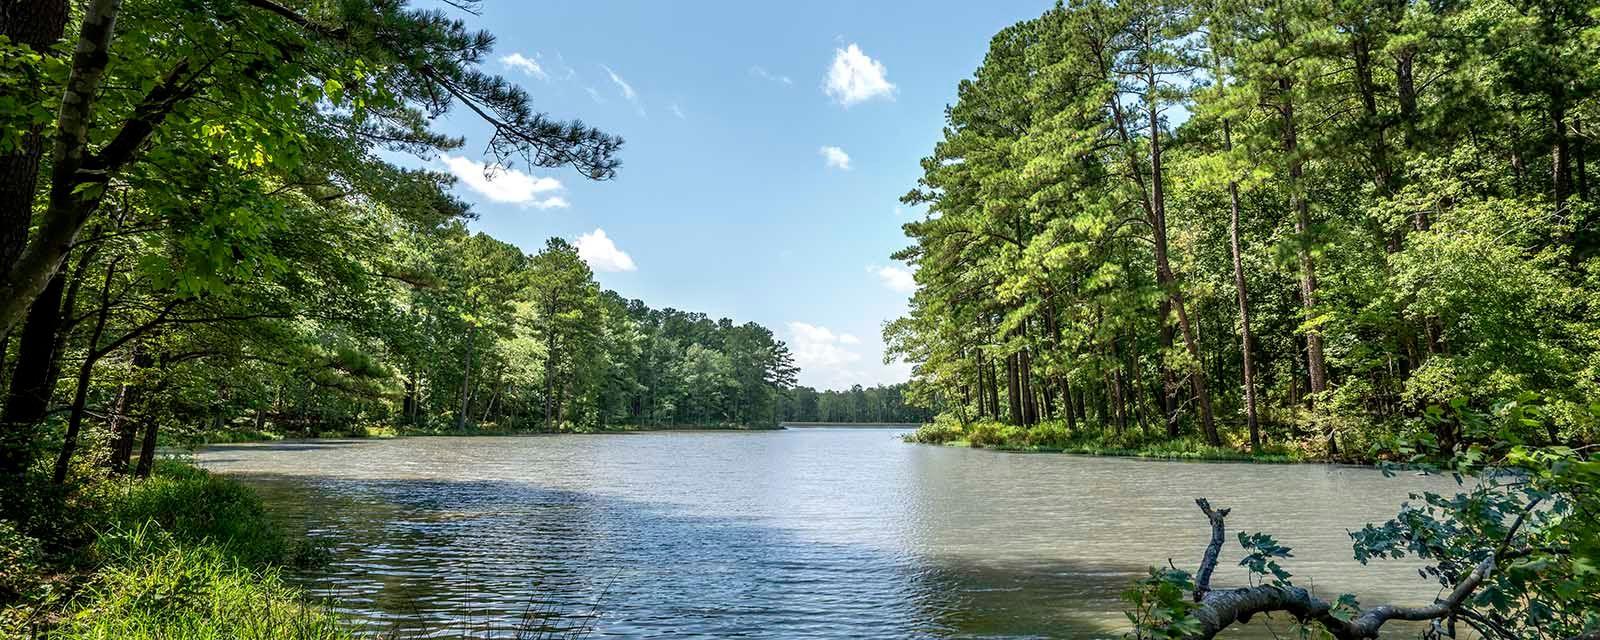 Lake Castleberry Image 1